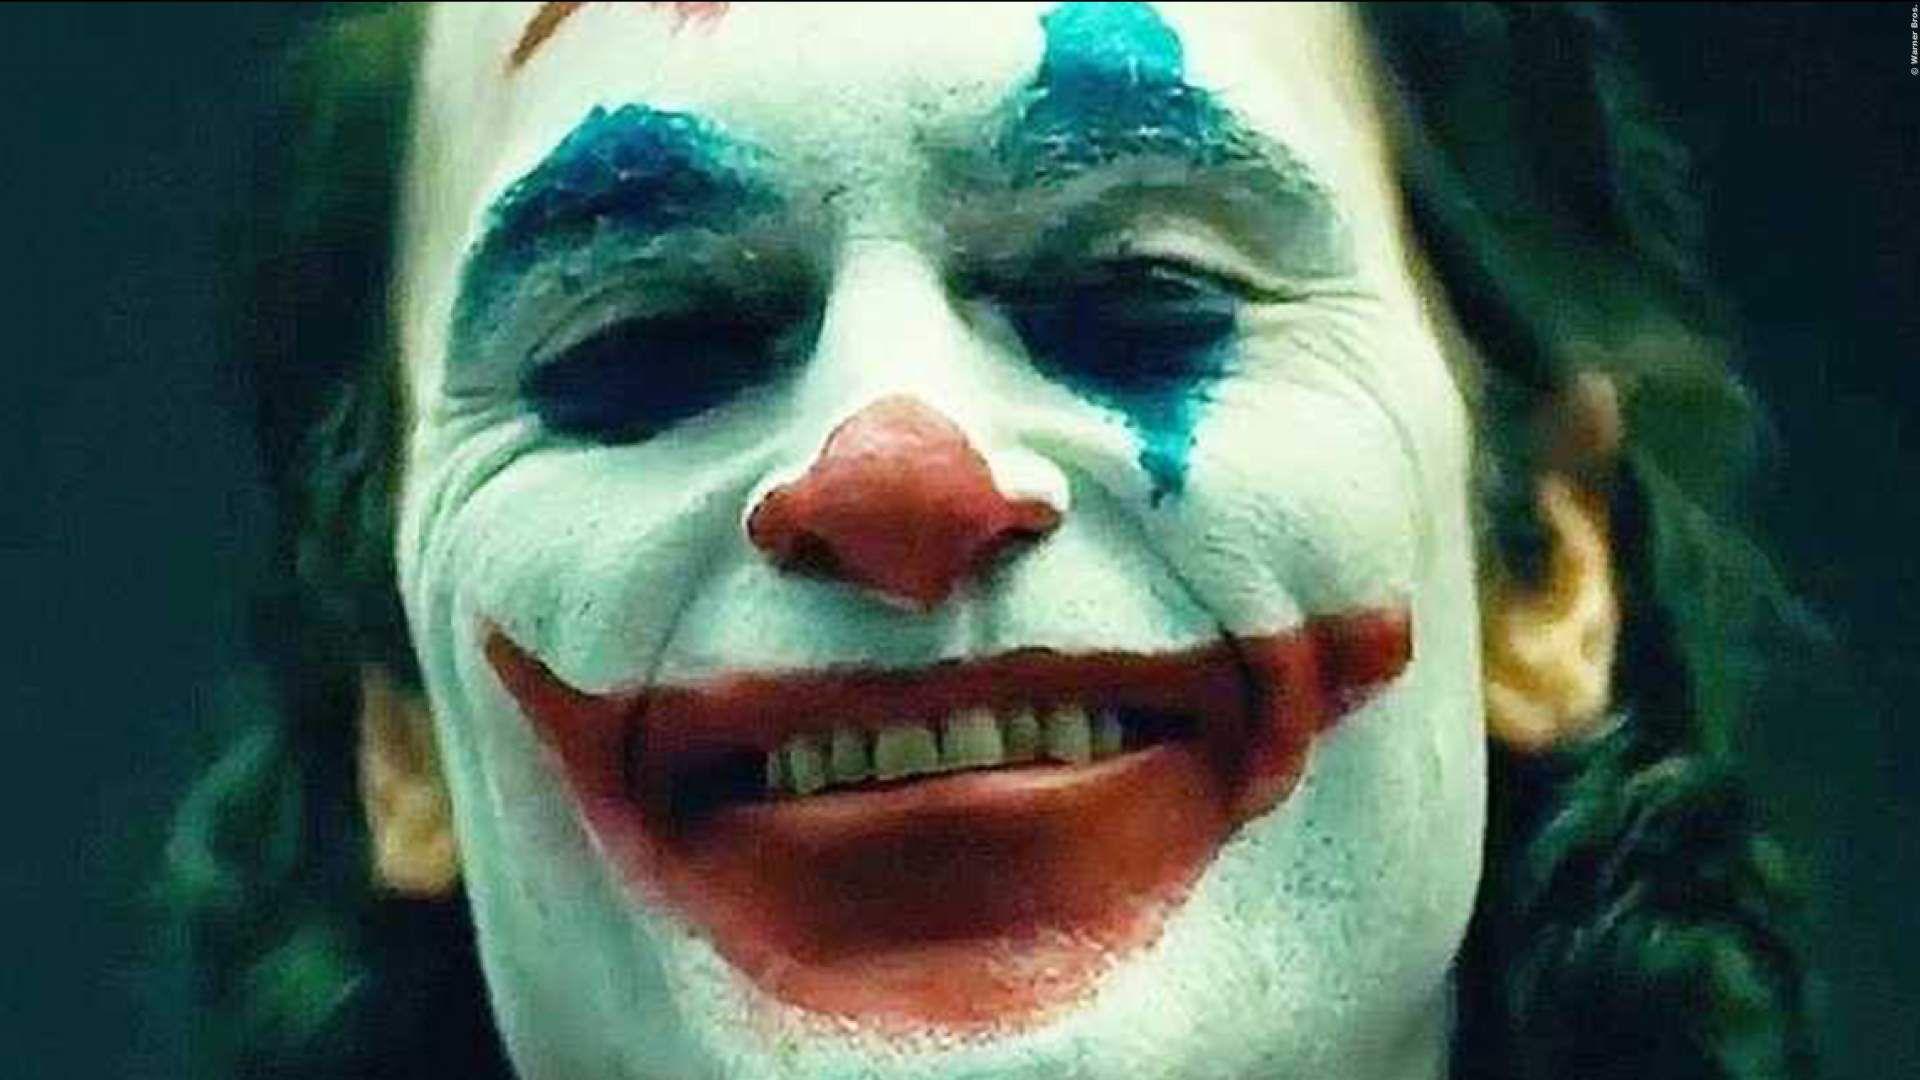 Joker Altersfreigabe